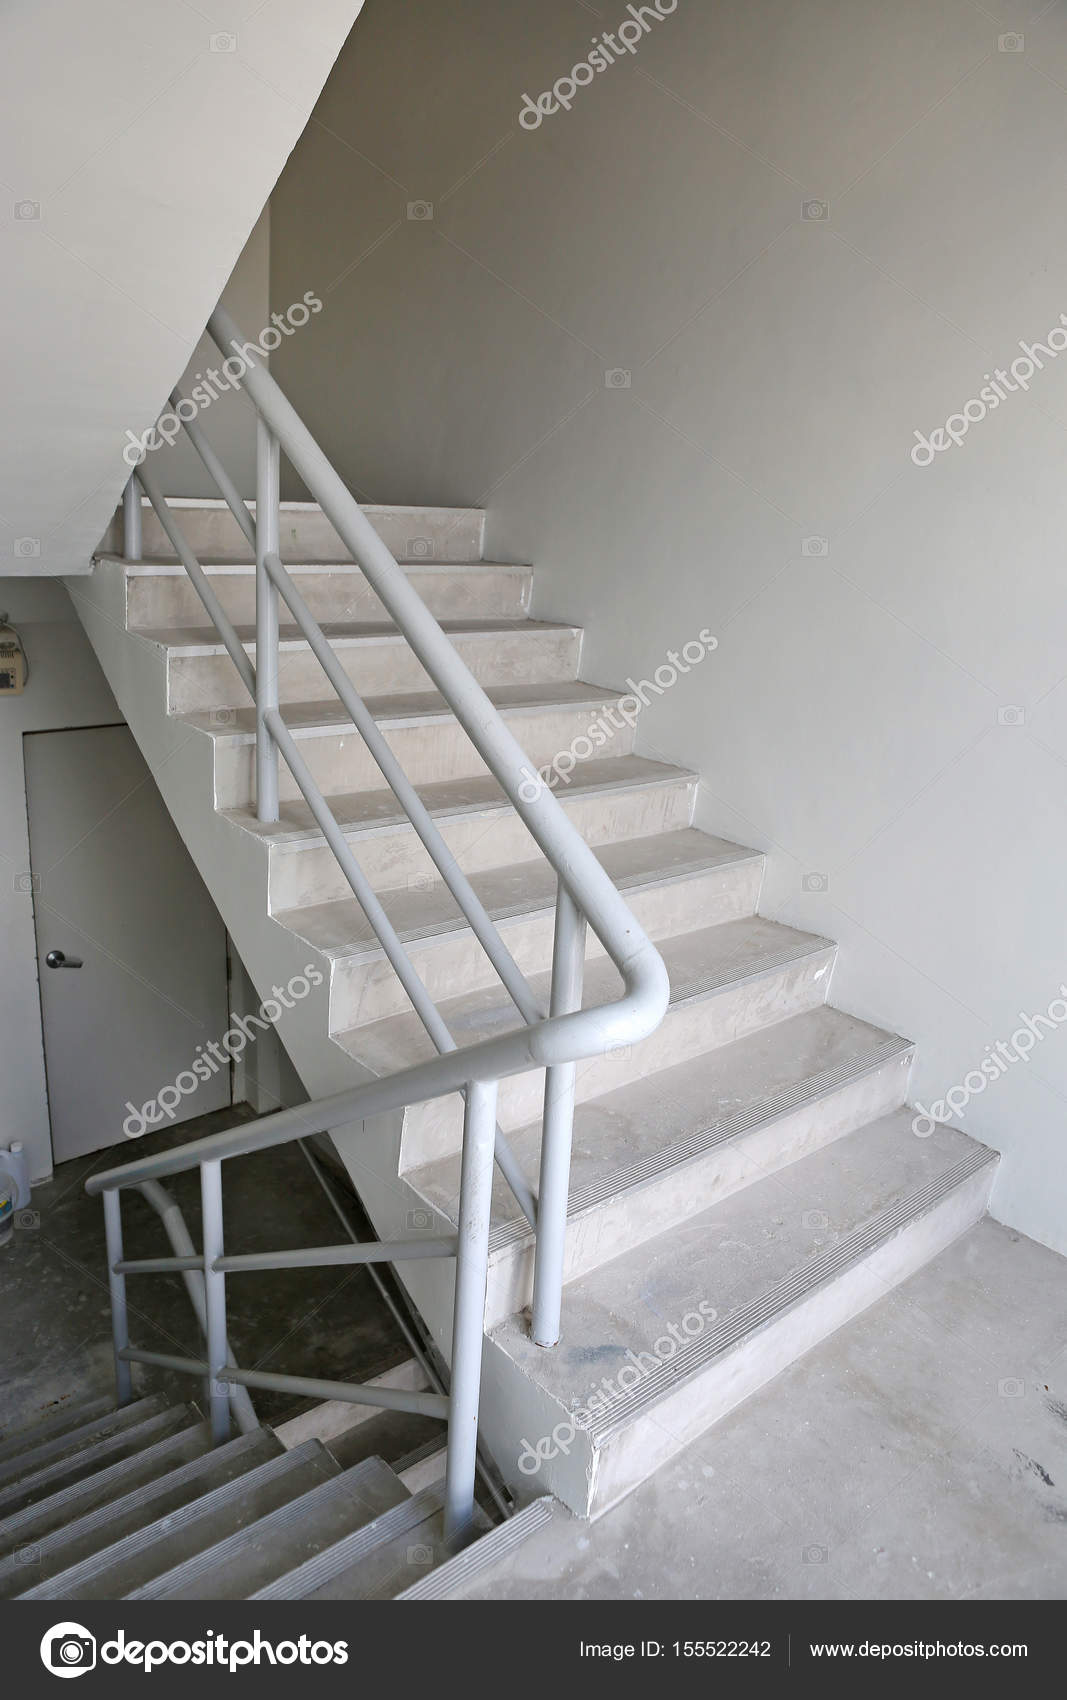 cage d 39 escalier escalier de secours dans un b timent. Black Bedroom Furniture Sets. Home Design Ideas